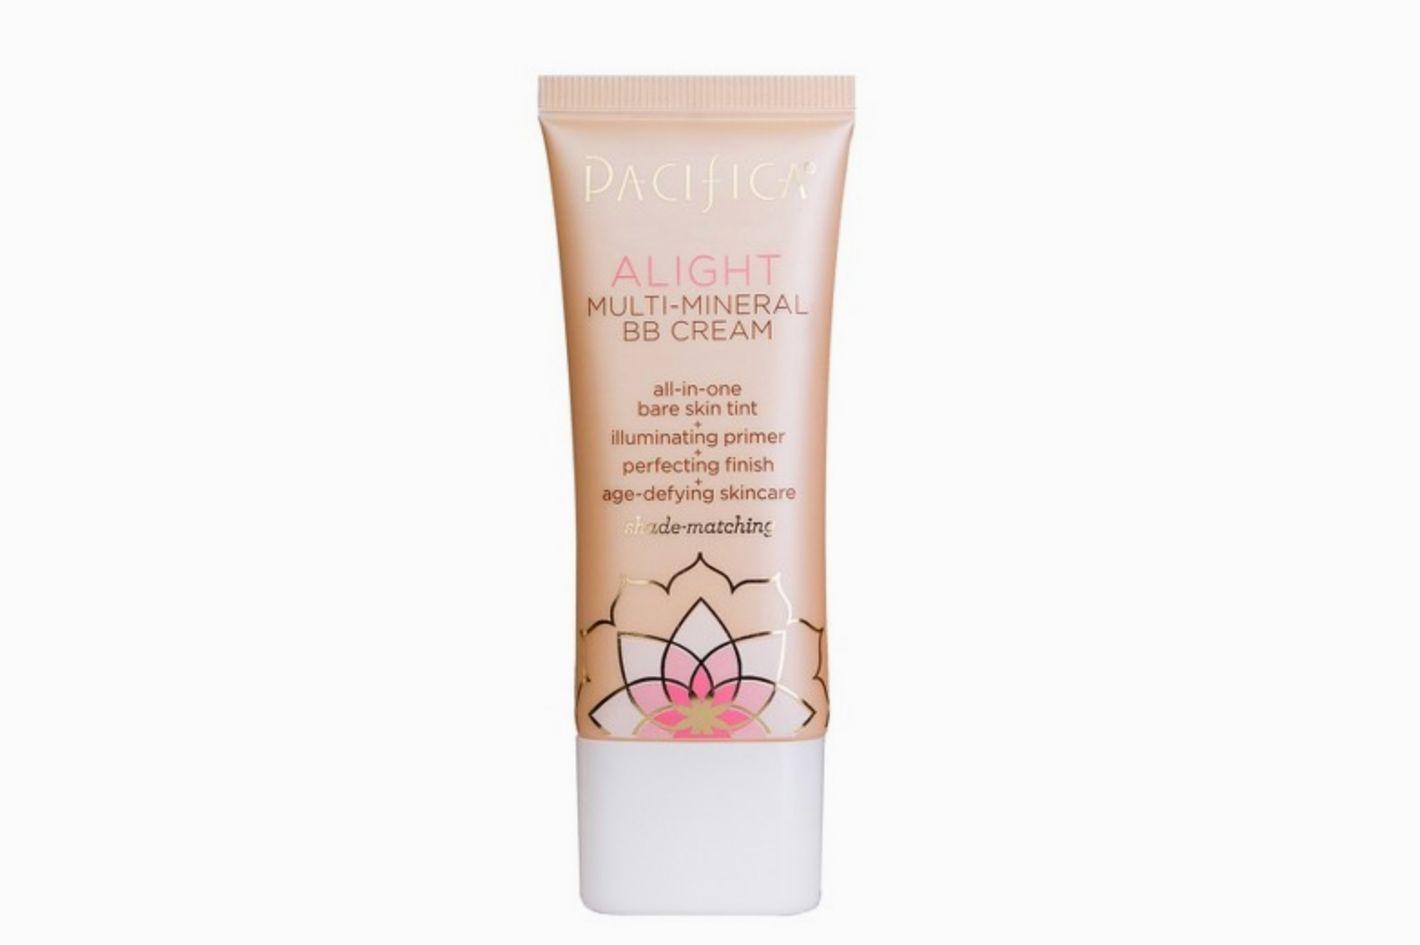 Pacifica Alight Multi-Mineral BB Cream